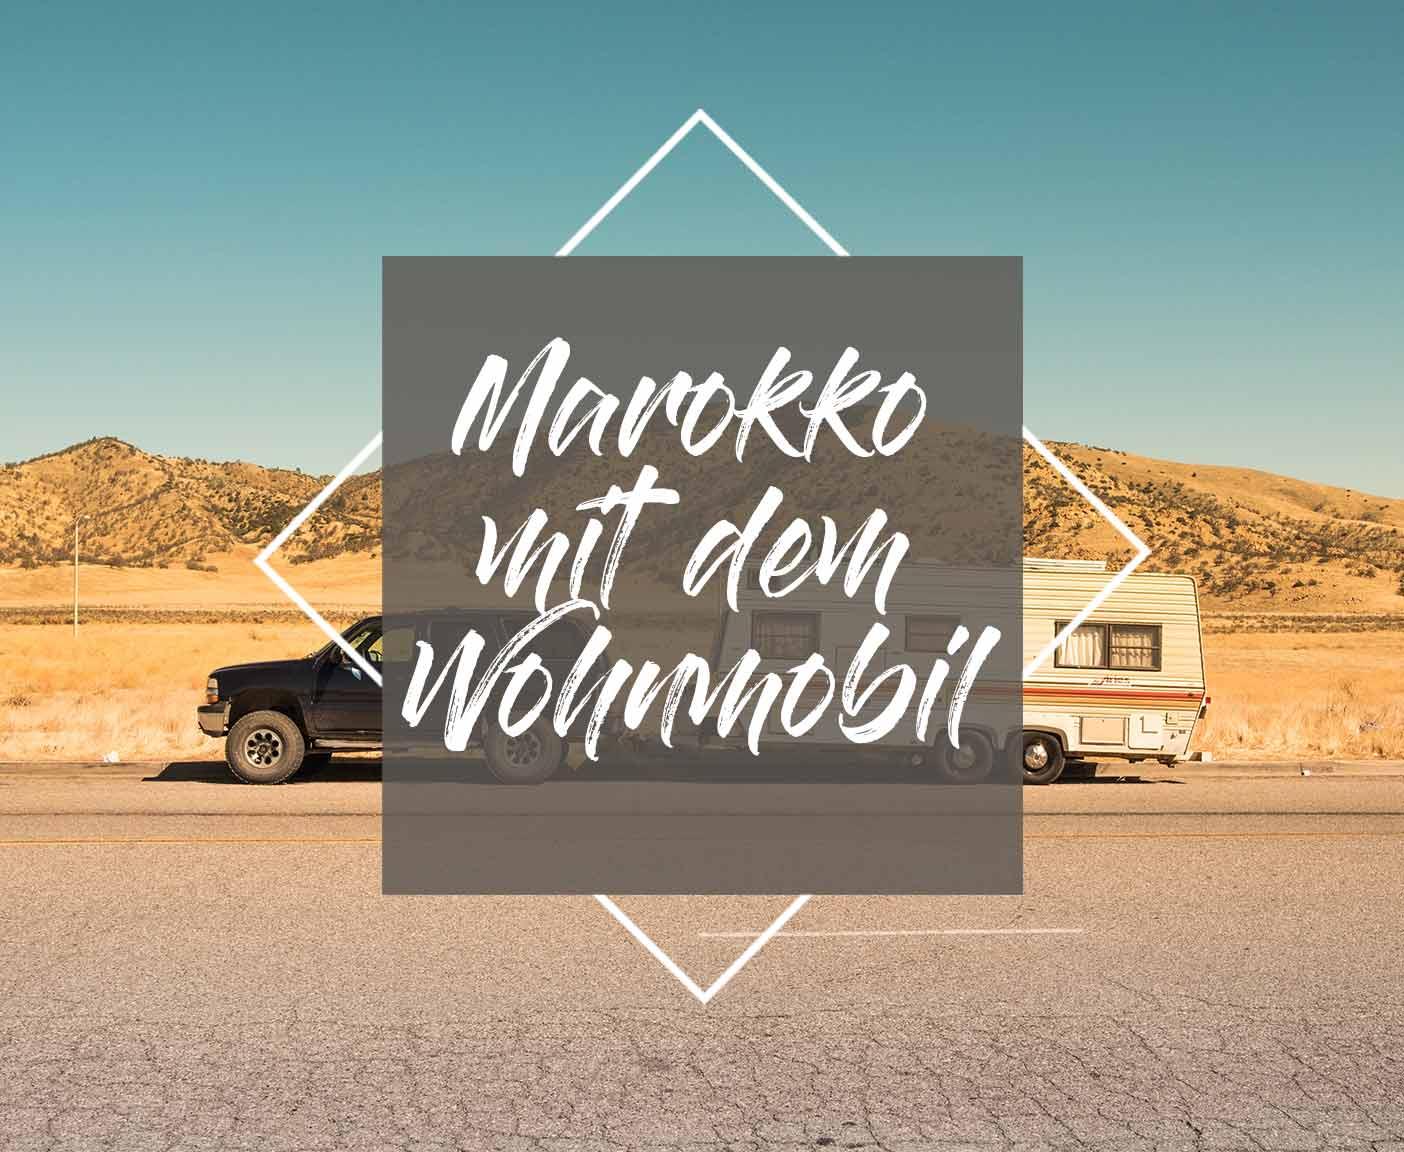 Marokko-mit -dem-Wohnmobil-gefaehrlich-womo-2018-faehre-kinder